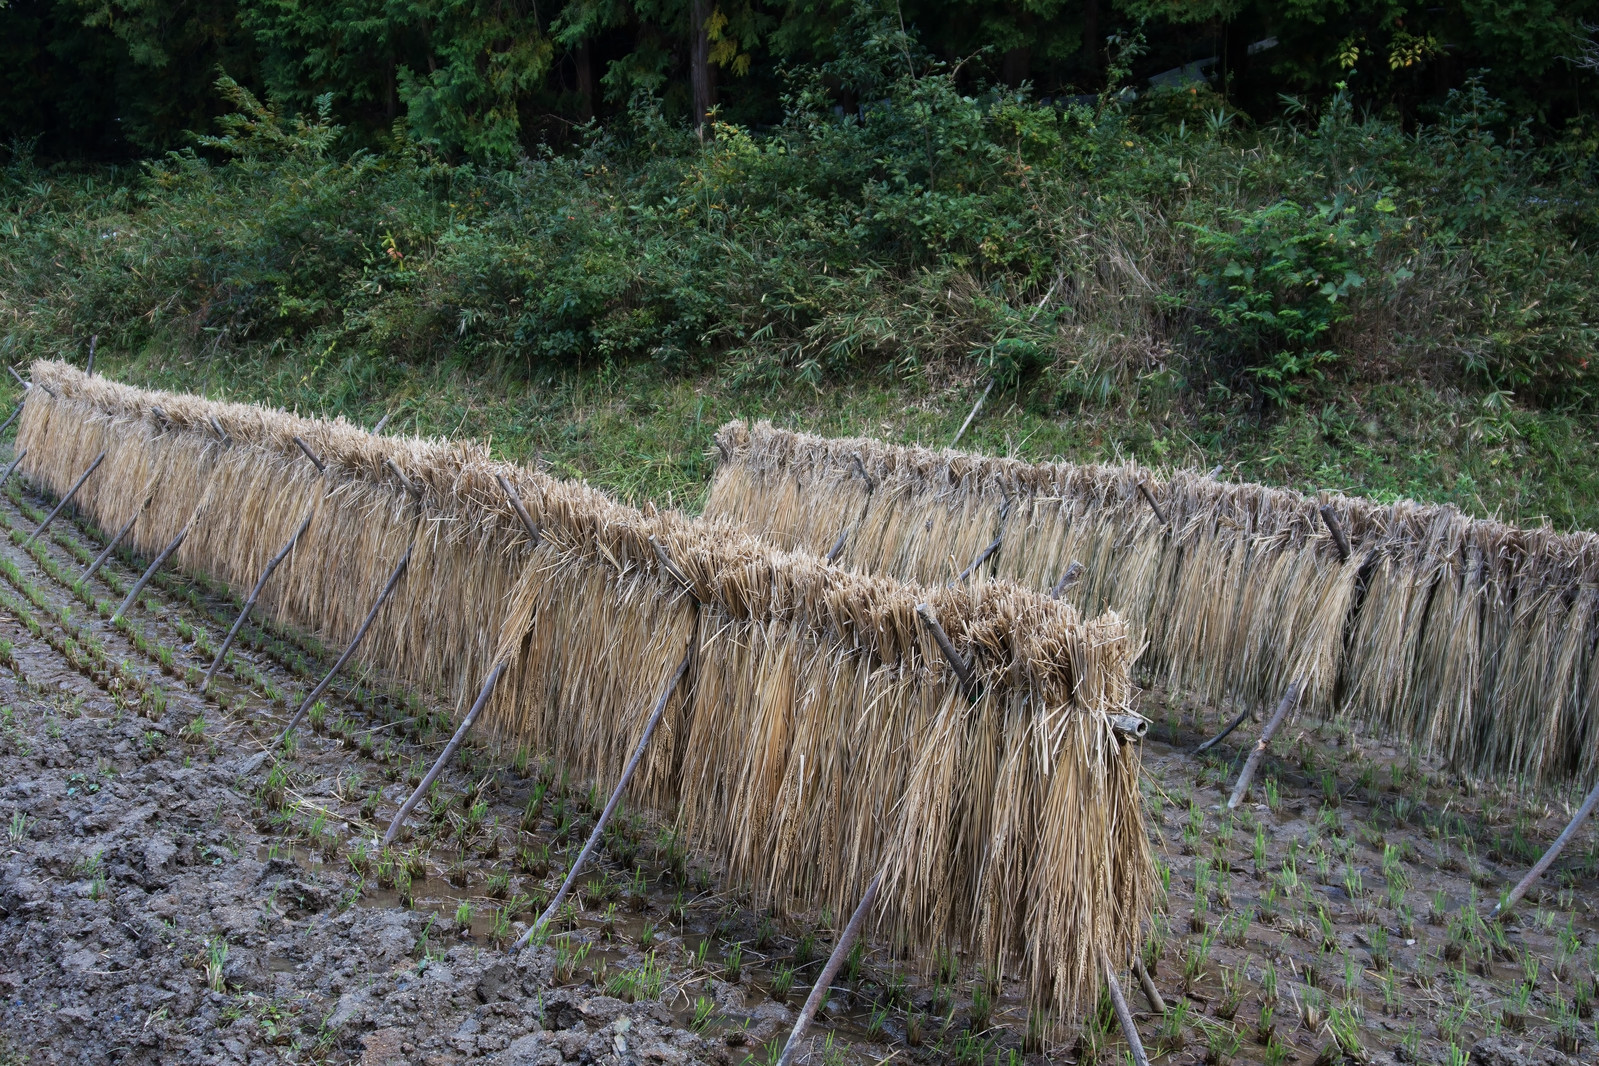 「雨に濡れてしまった天日干ししていた稲」の写真